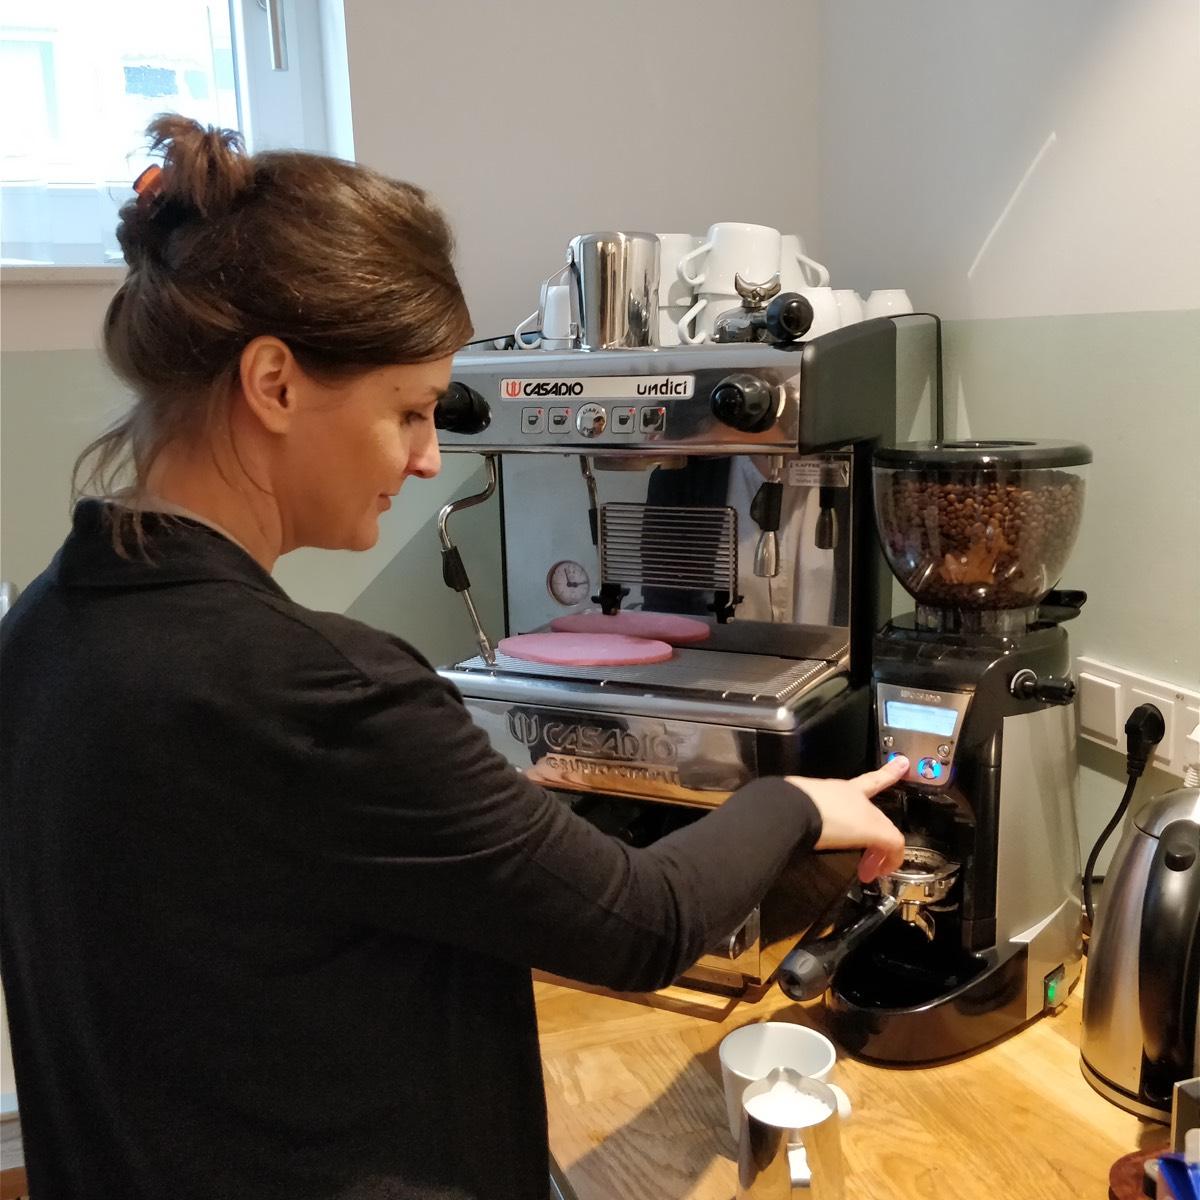 cowoki coworking köln kaffee